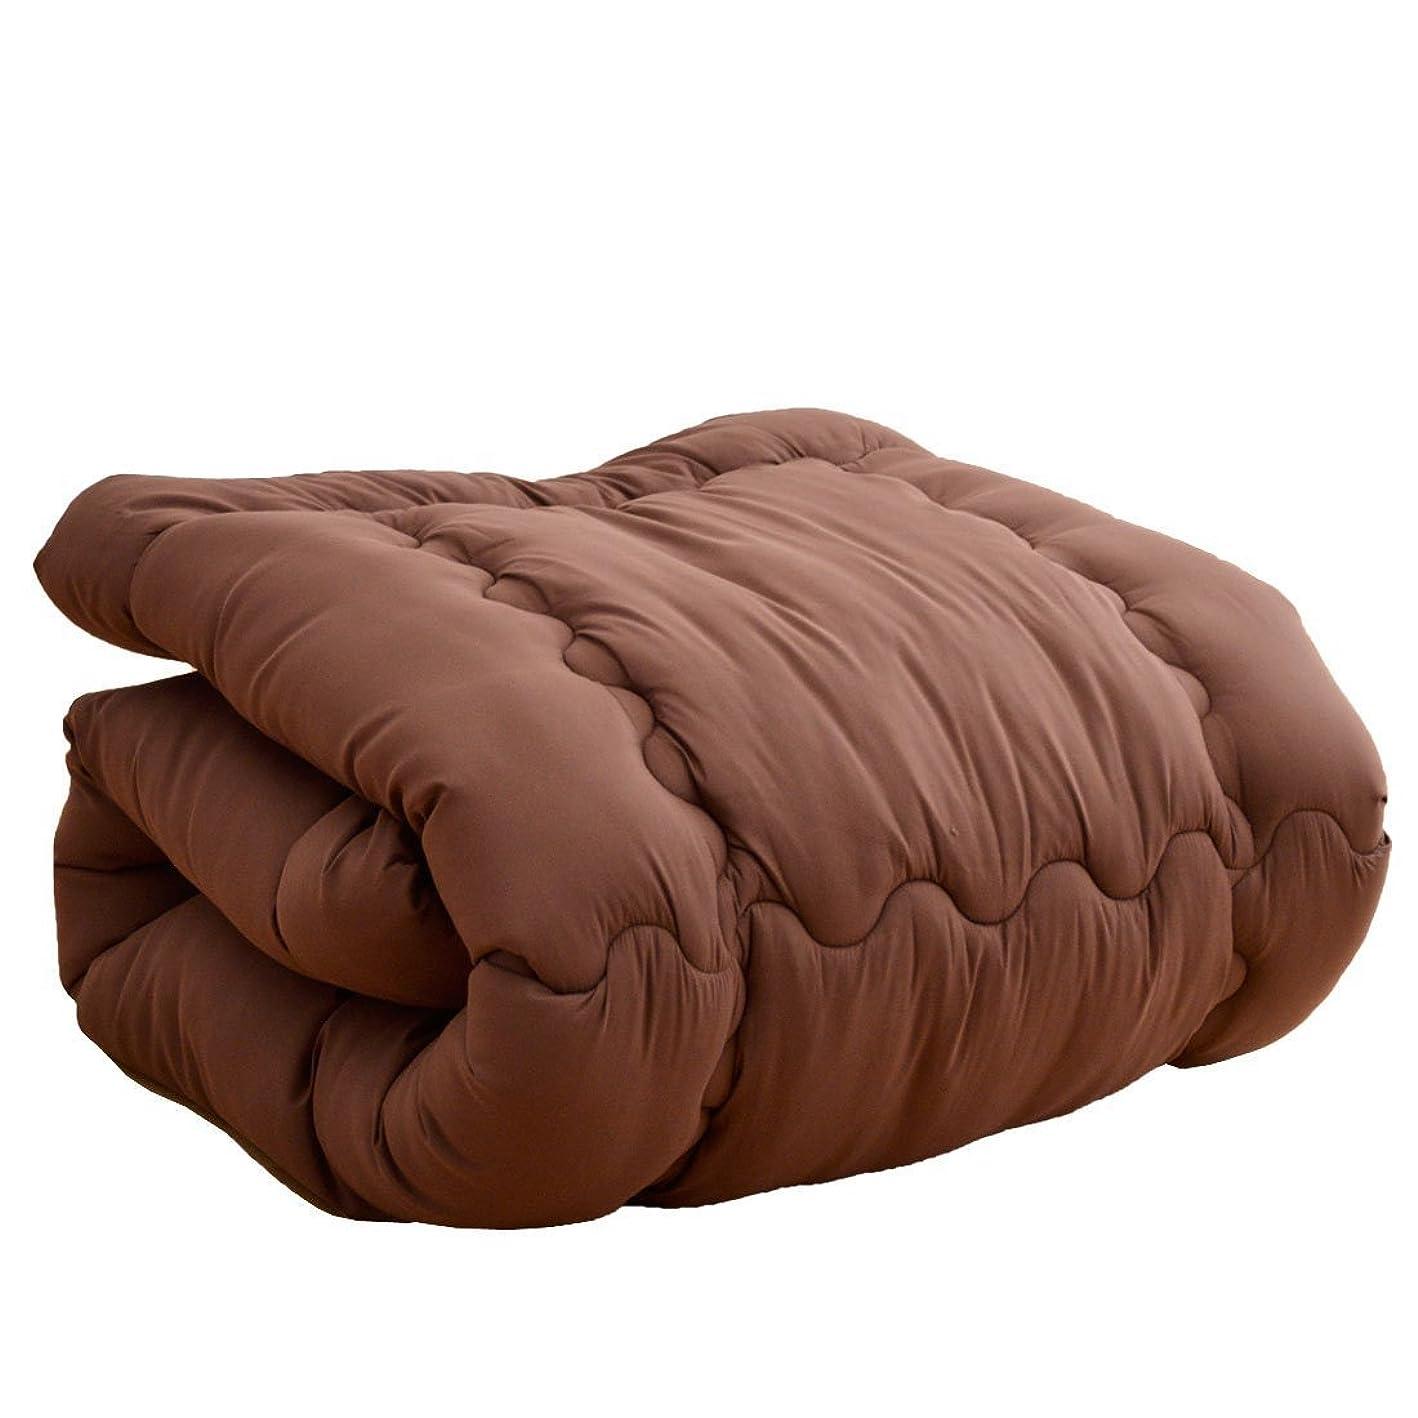 怖い症状富タンスのゲン 掛け布団 シンサレート ウルトラ150全面使用 東レft綿使用 洗える 日本製 セミダブル ブラウン 10419181 BR